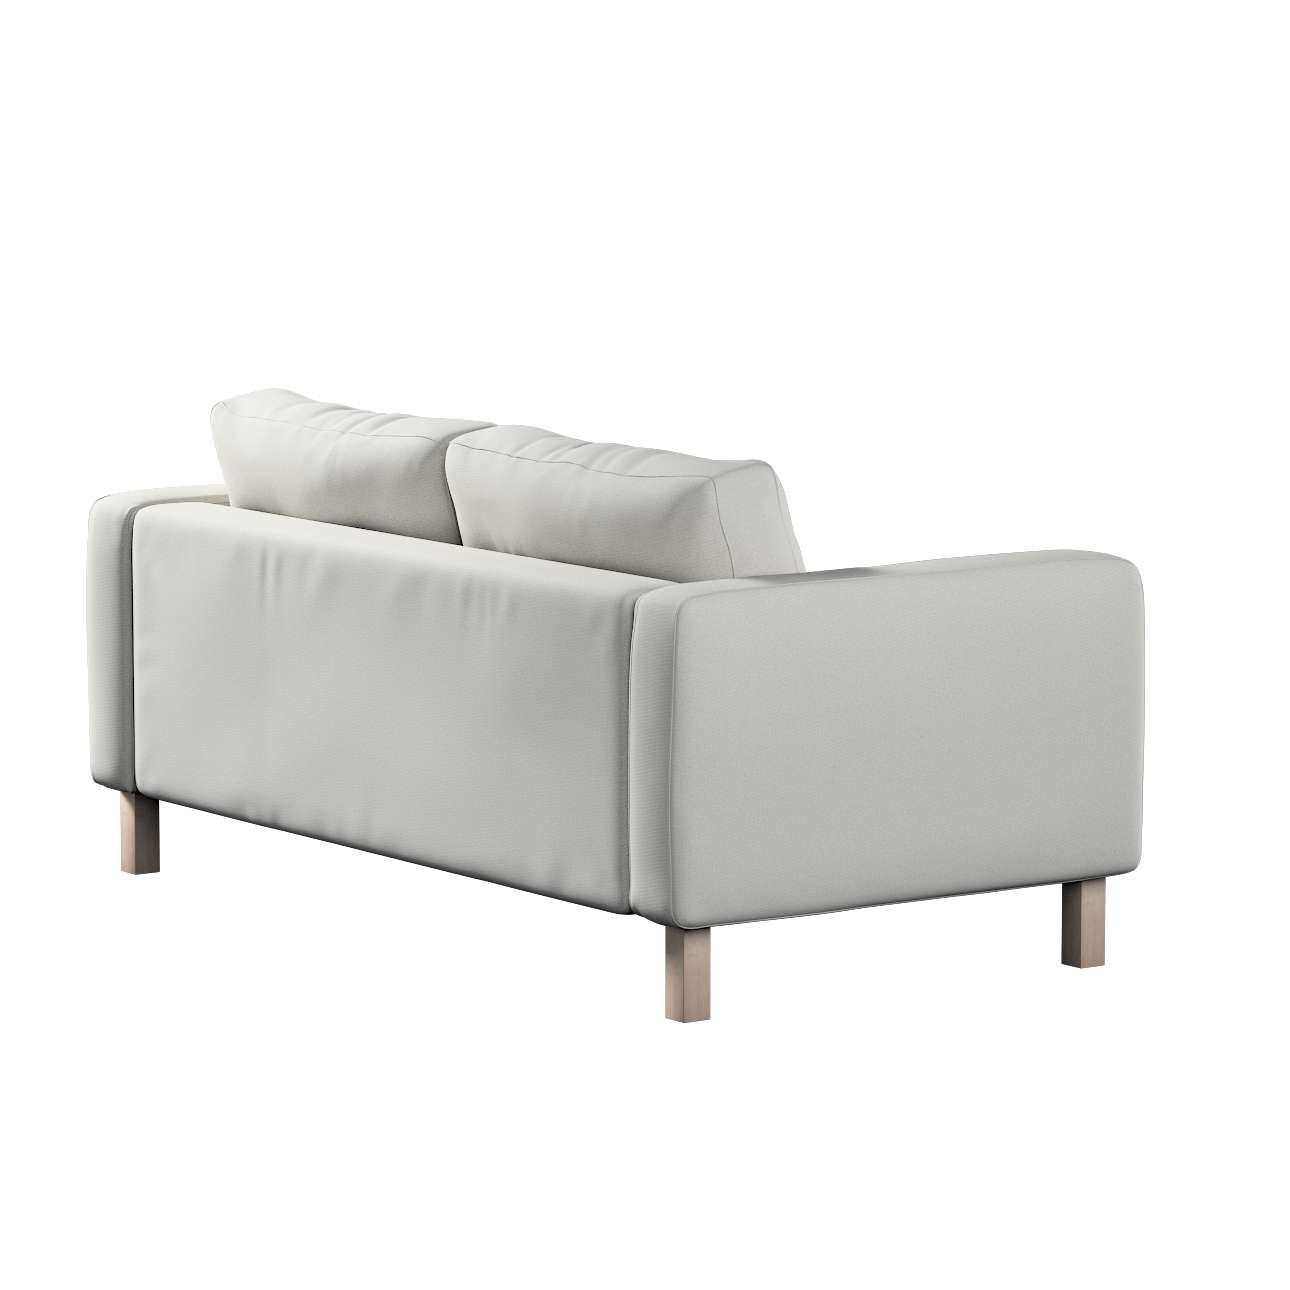 Pokrowiec na sofę Karlstad 2-osobową nierozkładaną krótki w kolekcji Etna, tkanina: 705-90